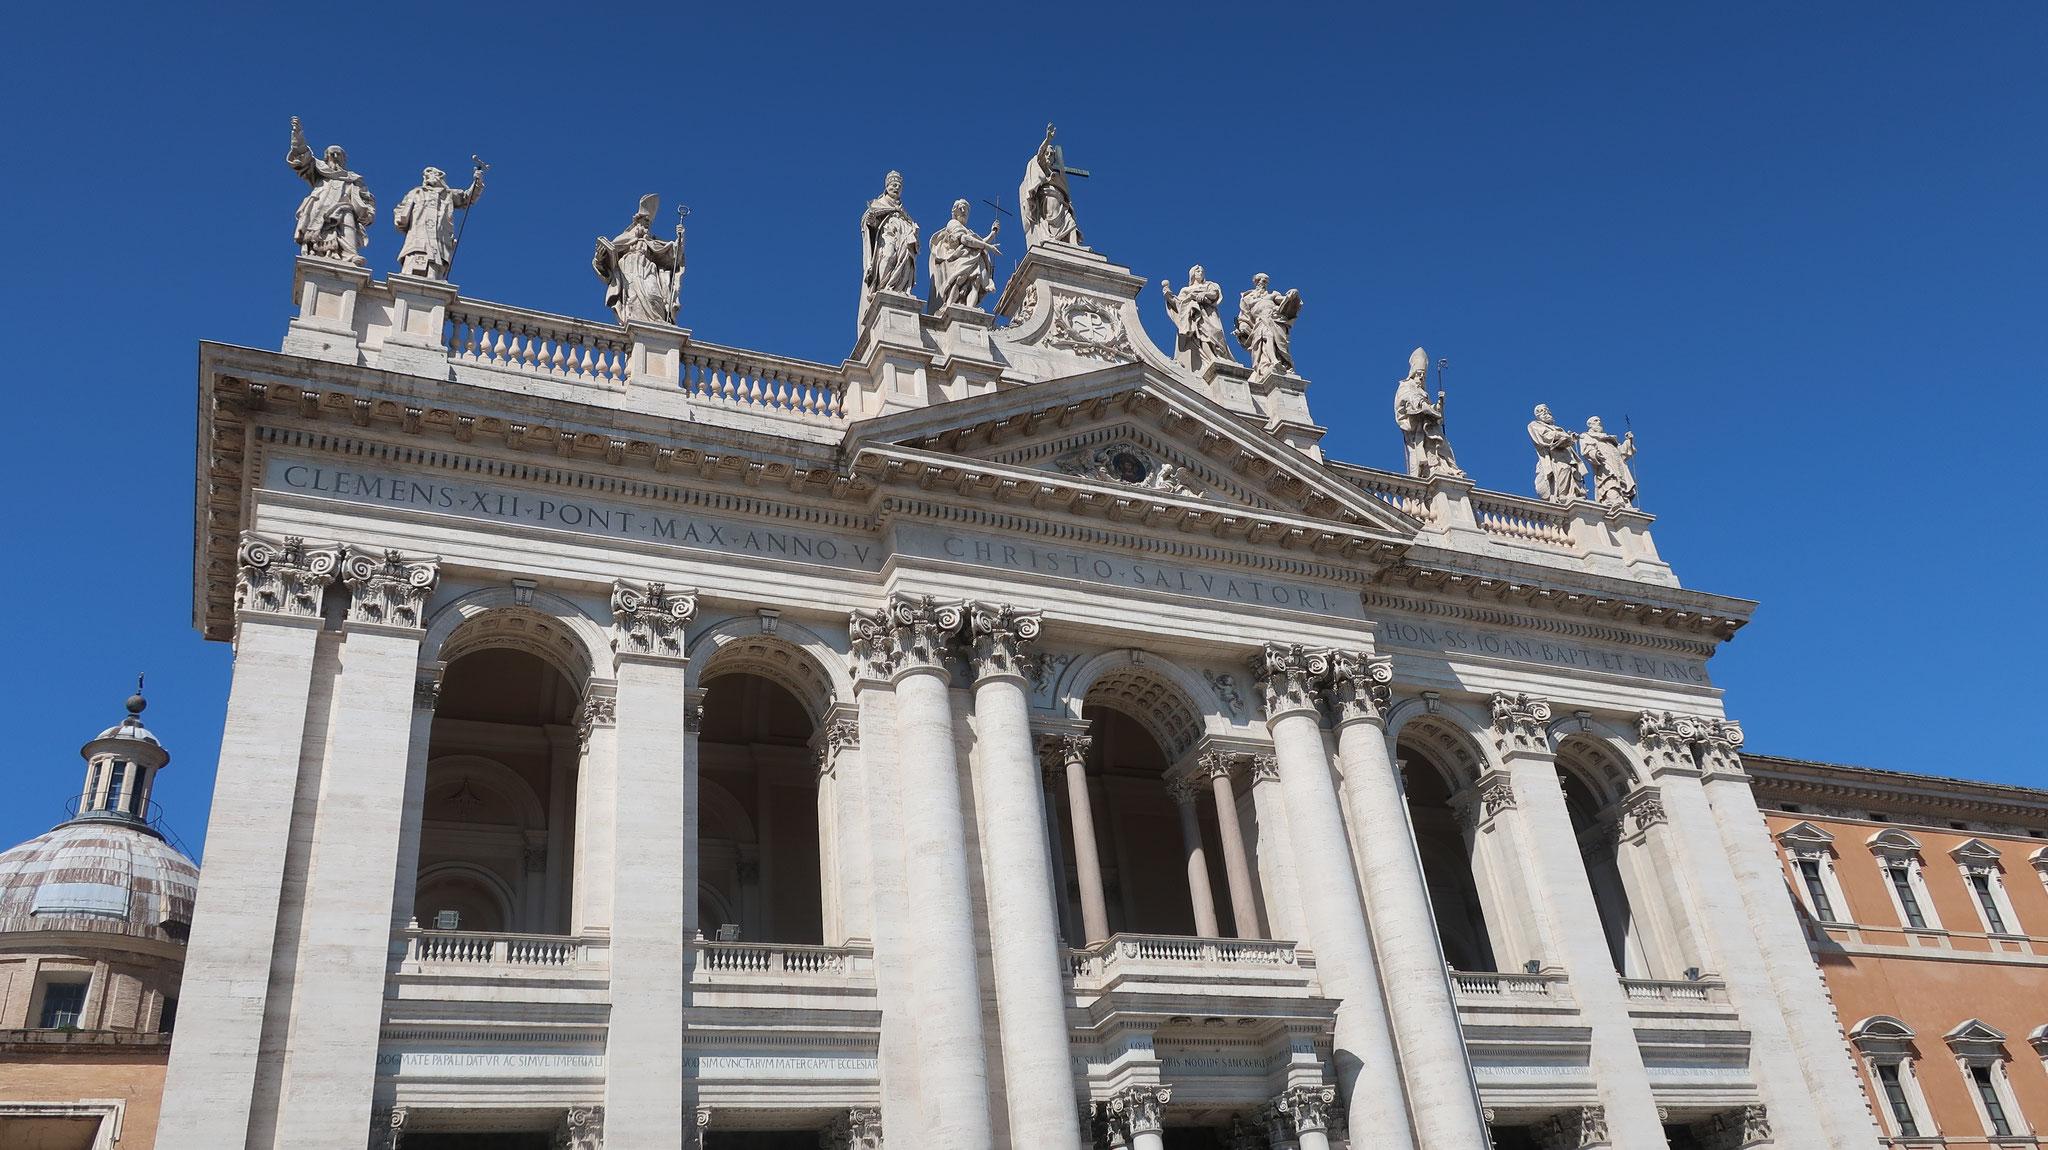 正面上部には高さ6mもあるキリストと聖人の像が並びます。